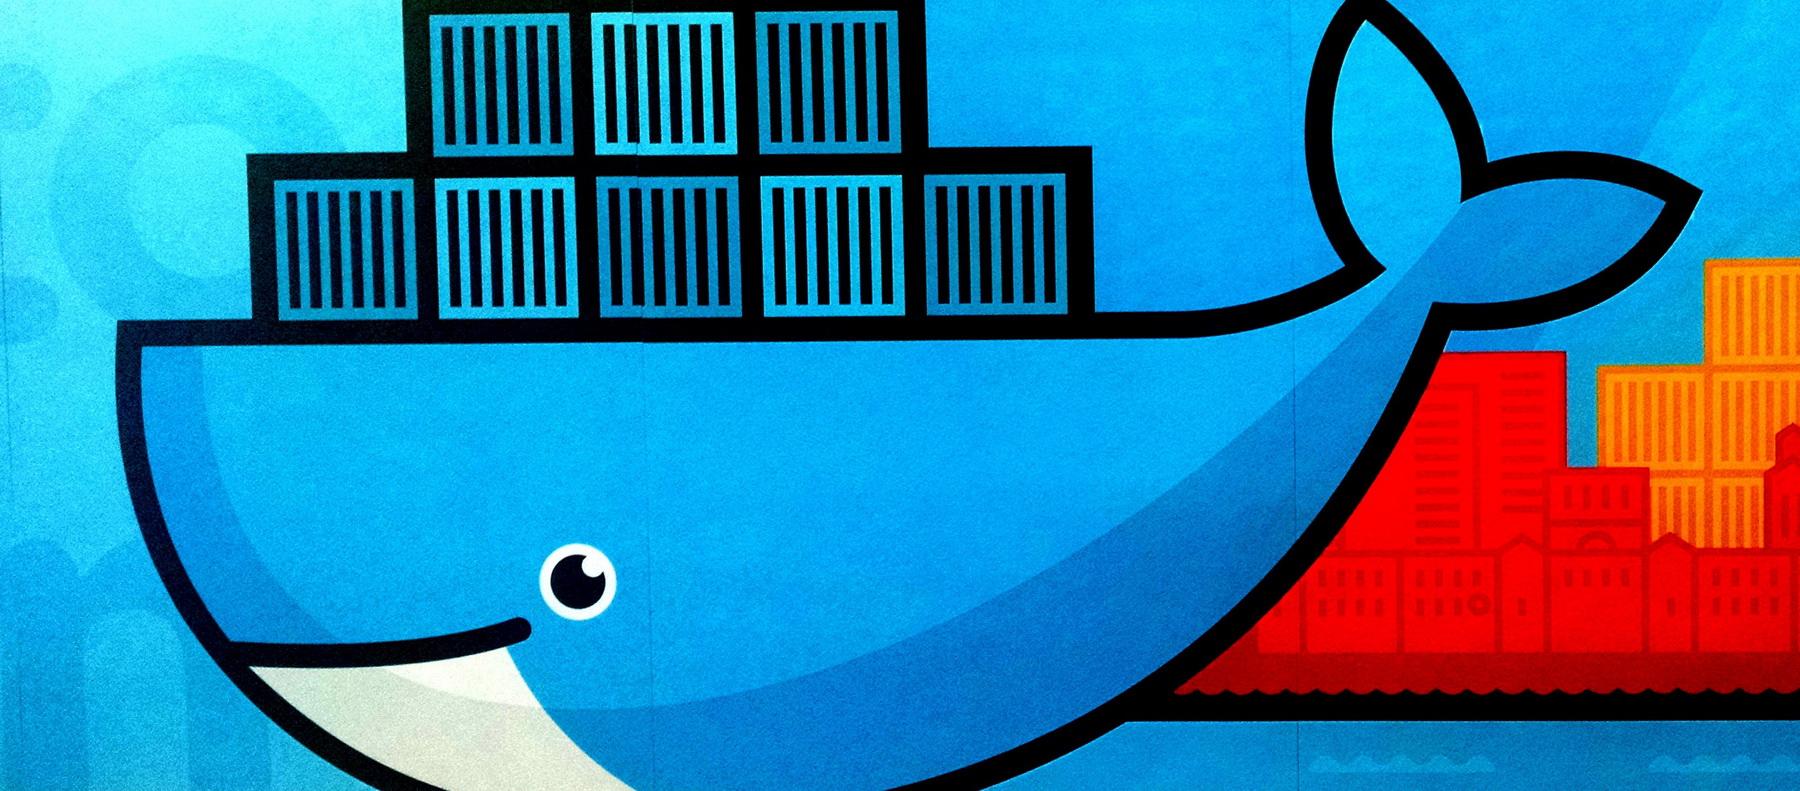 Разработчики Docker удалили из официального Docker Hub 17 образов с бэкдорами